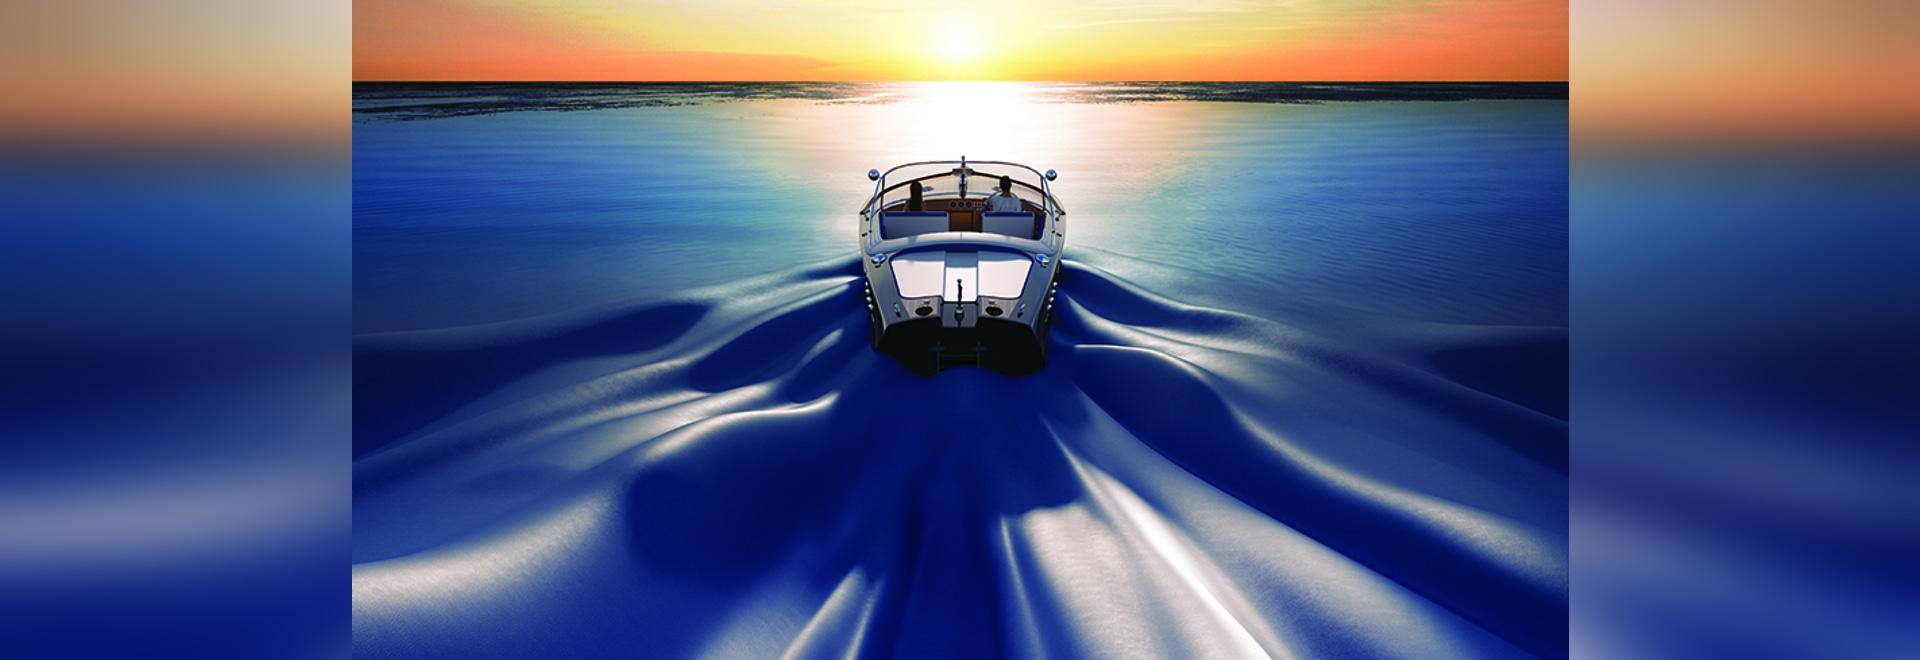 Sunbrella Horizon